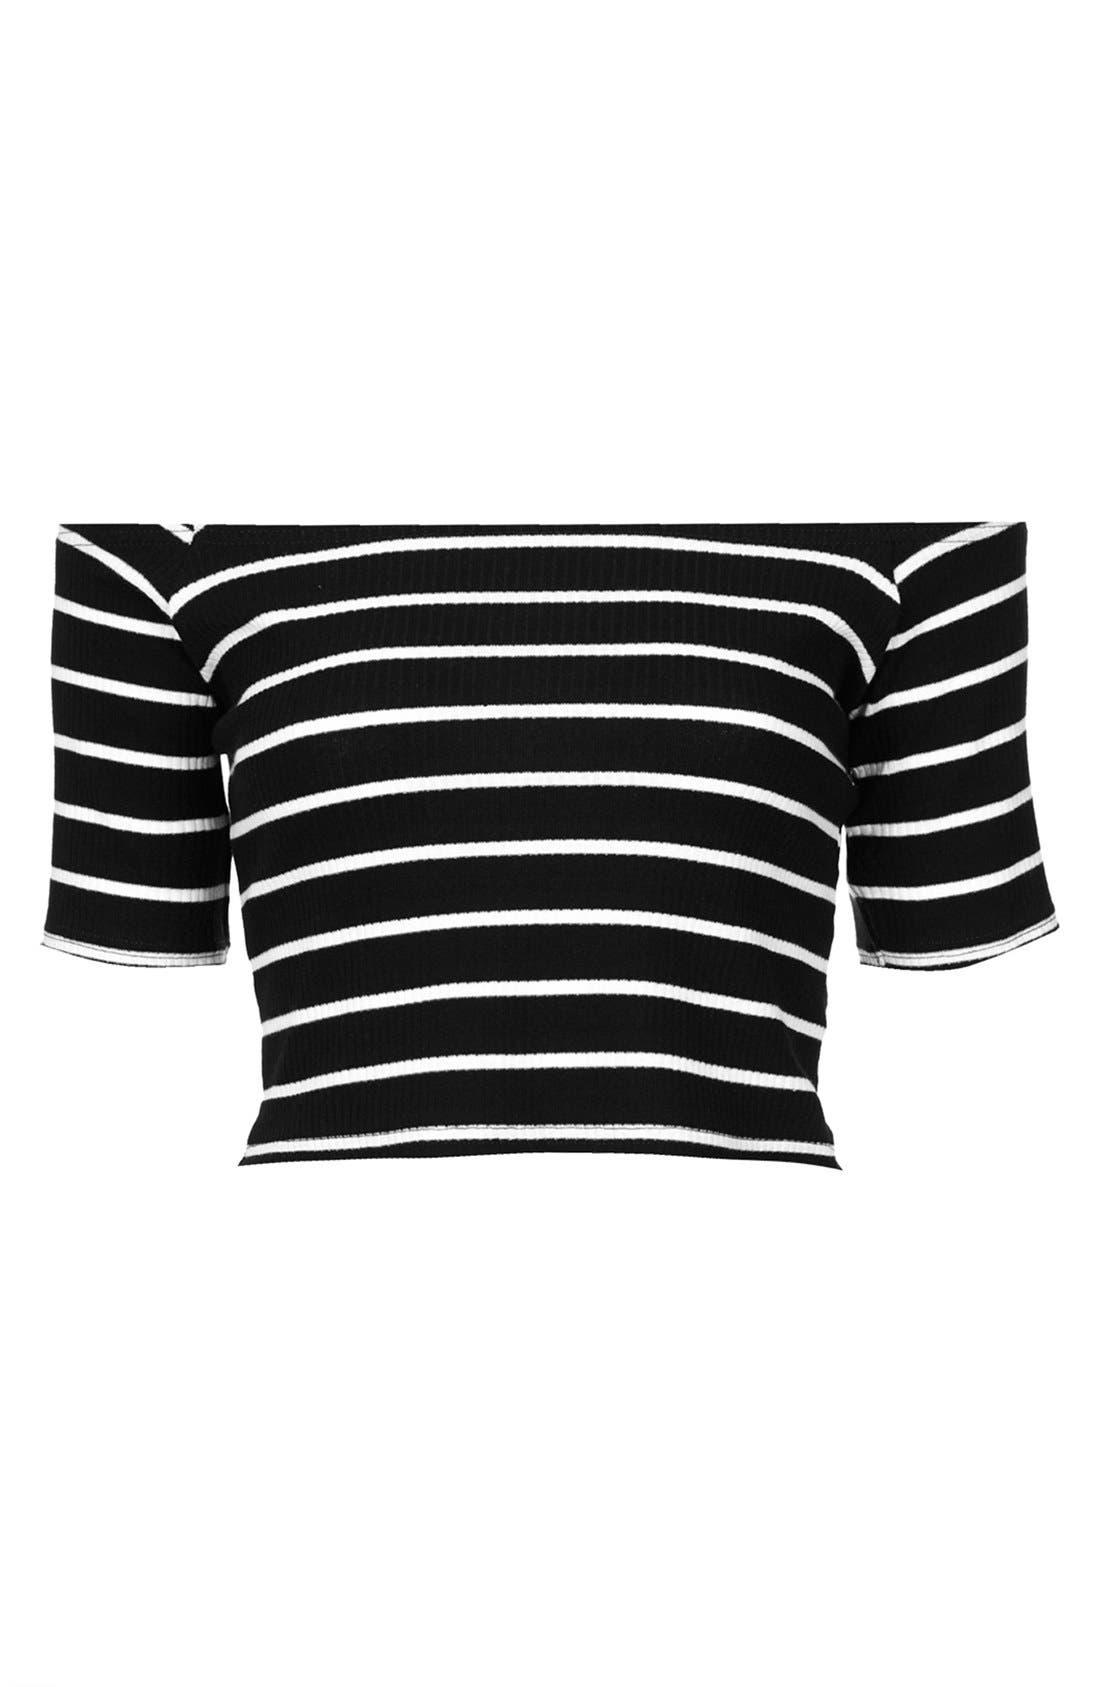 Alternate Image 3  - Topshop Stripe Rib Knit Bardot Crop Top